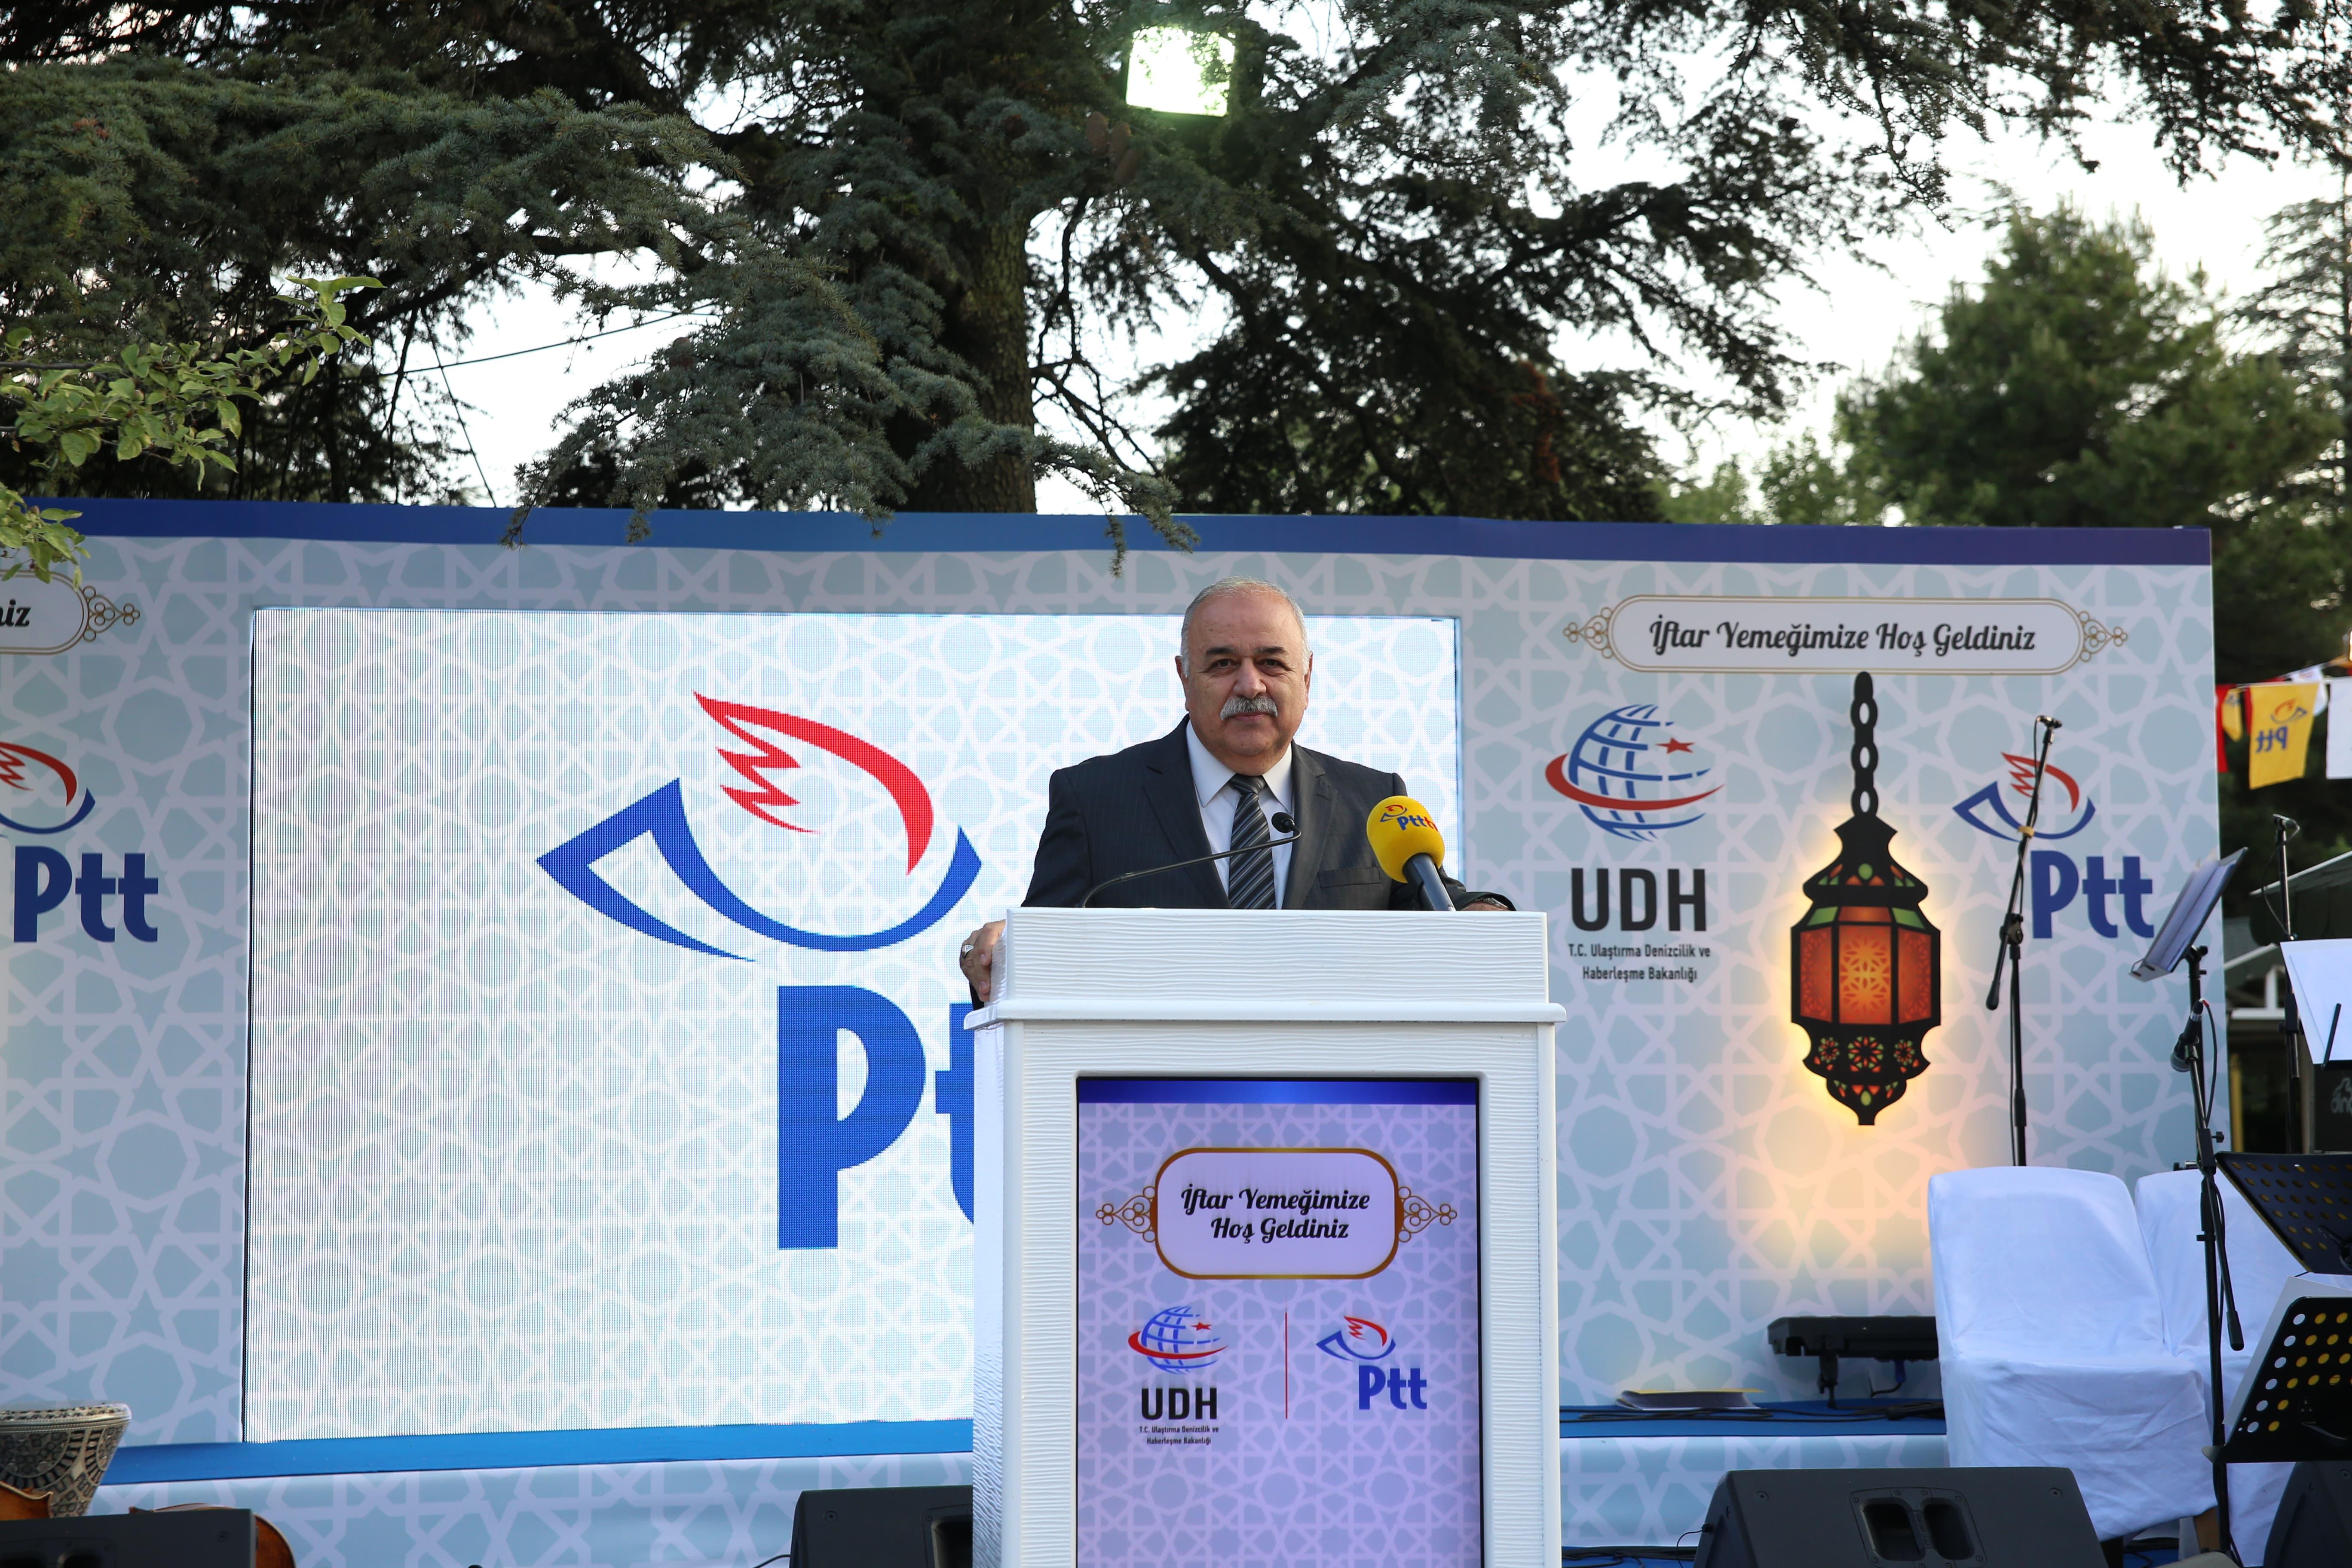 Kurumlararası Diyaloğu Geliştirme Toplantısı – PTT A.Ş. Genel Müdürlüğü